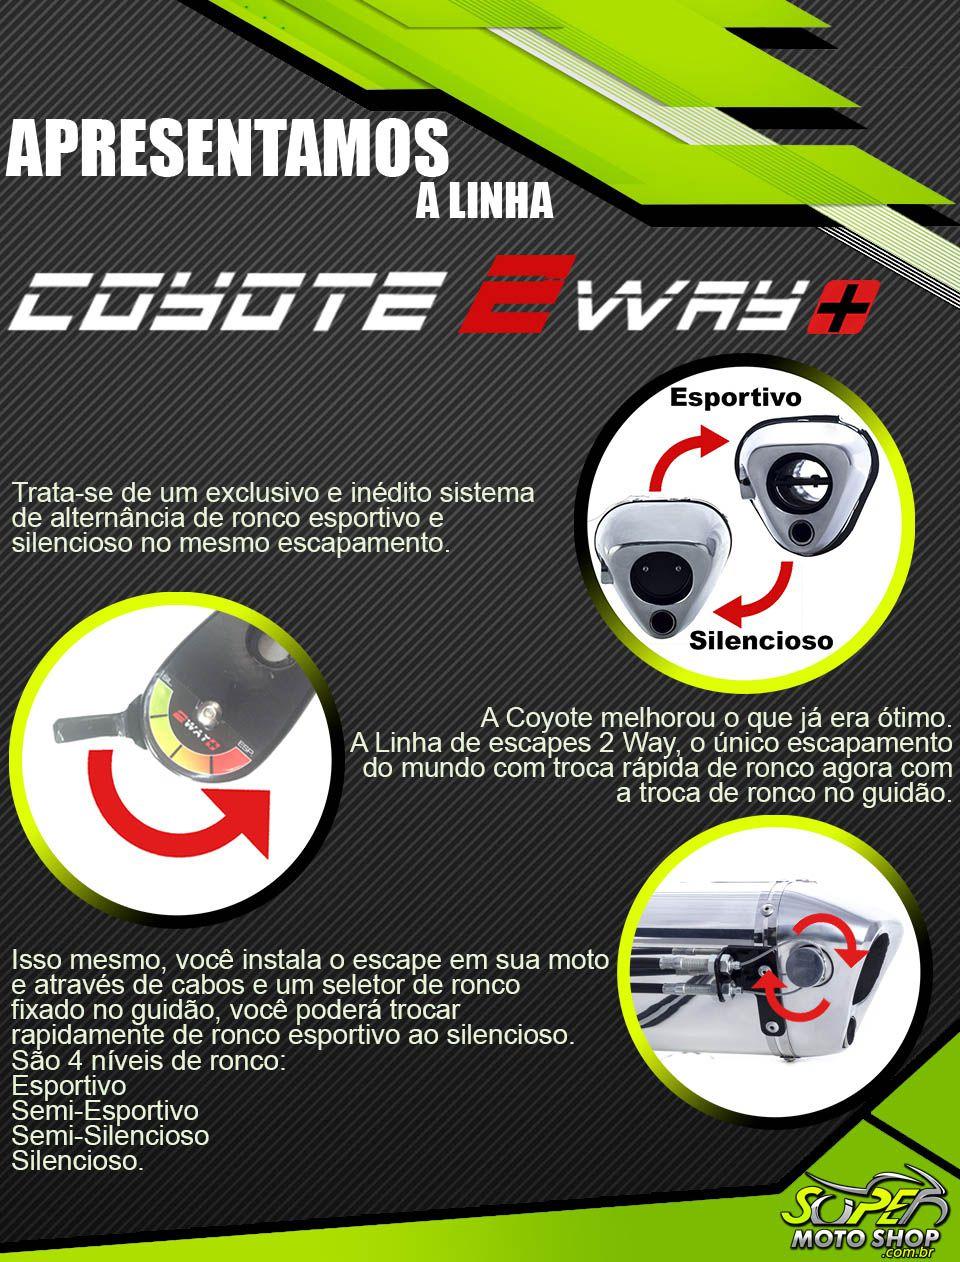 Escape / Ponteira Coyote Modelo TRS 2 Way + Mais em Alumínio - CG 150 Sport até 2008 - Honda